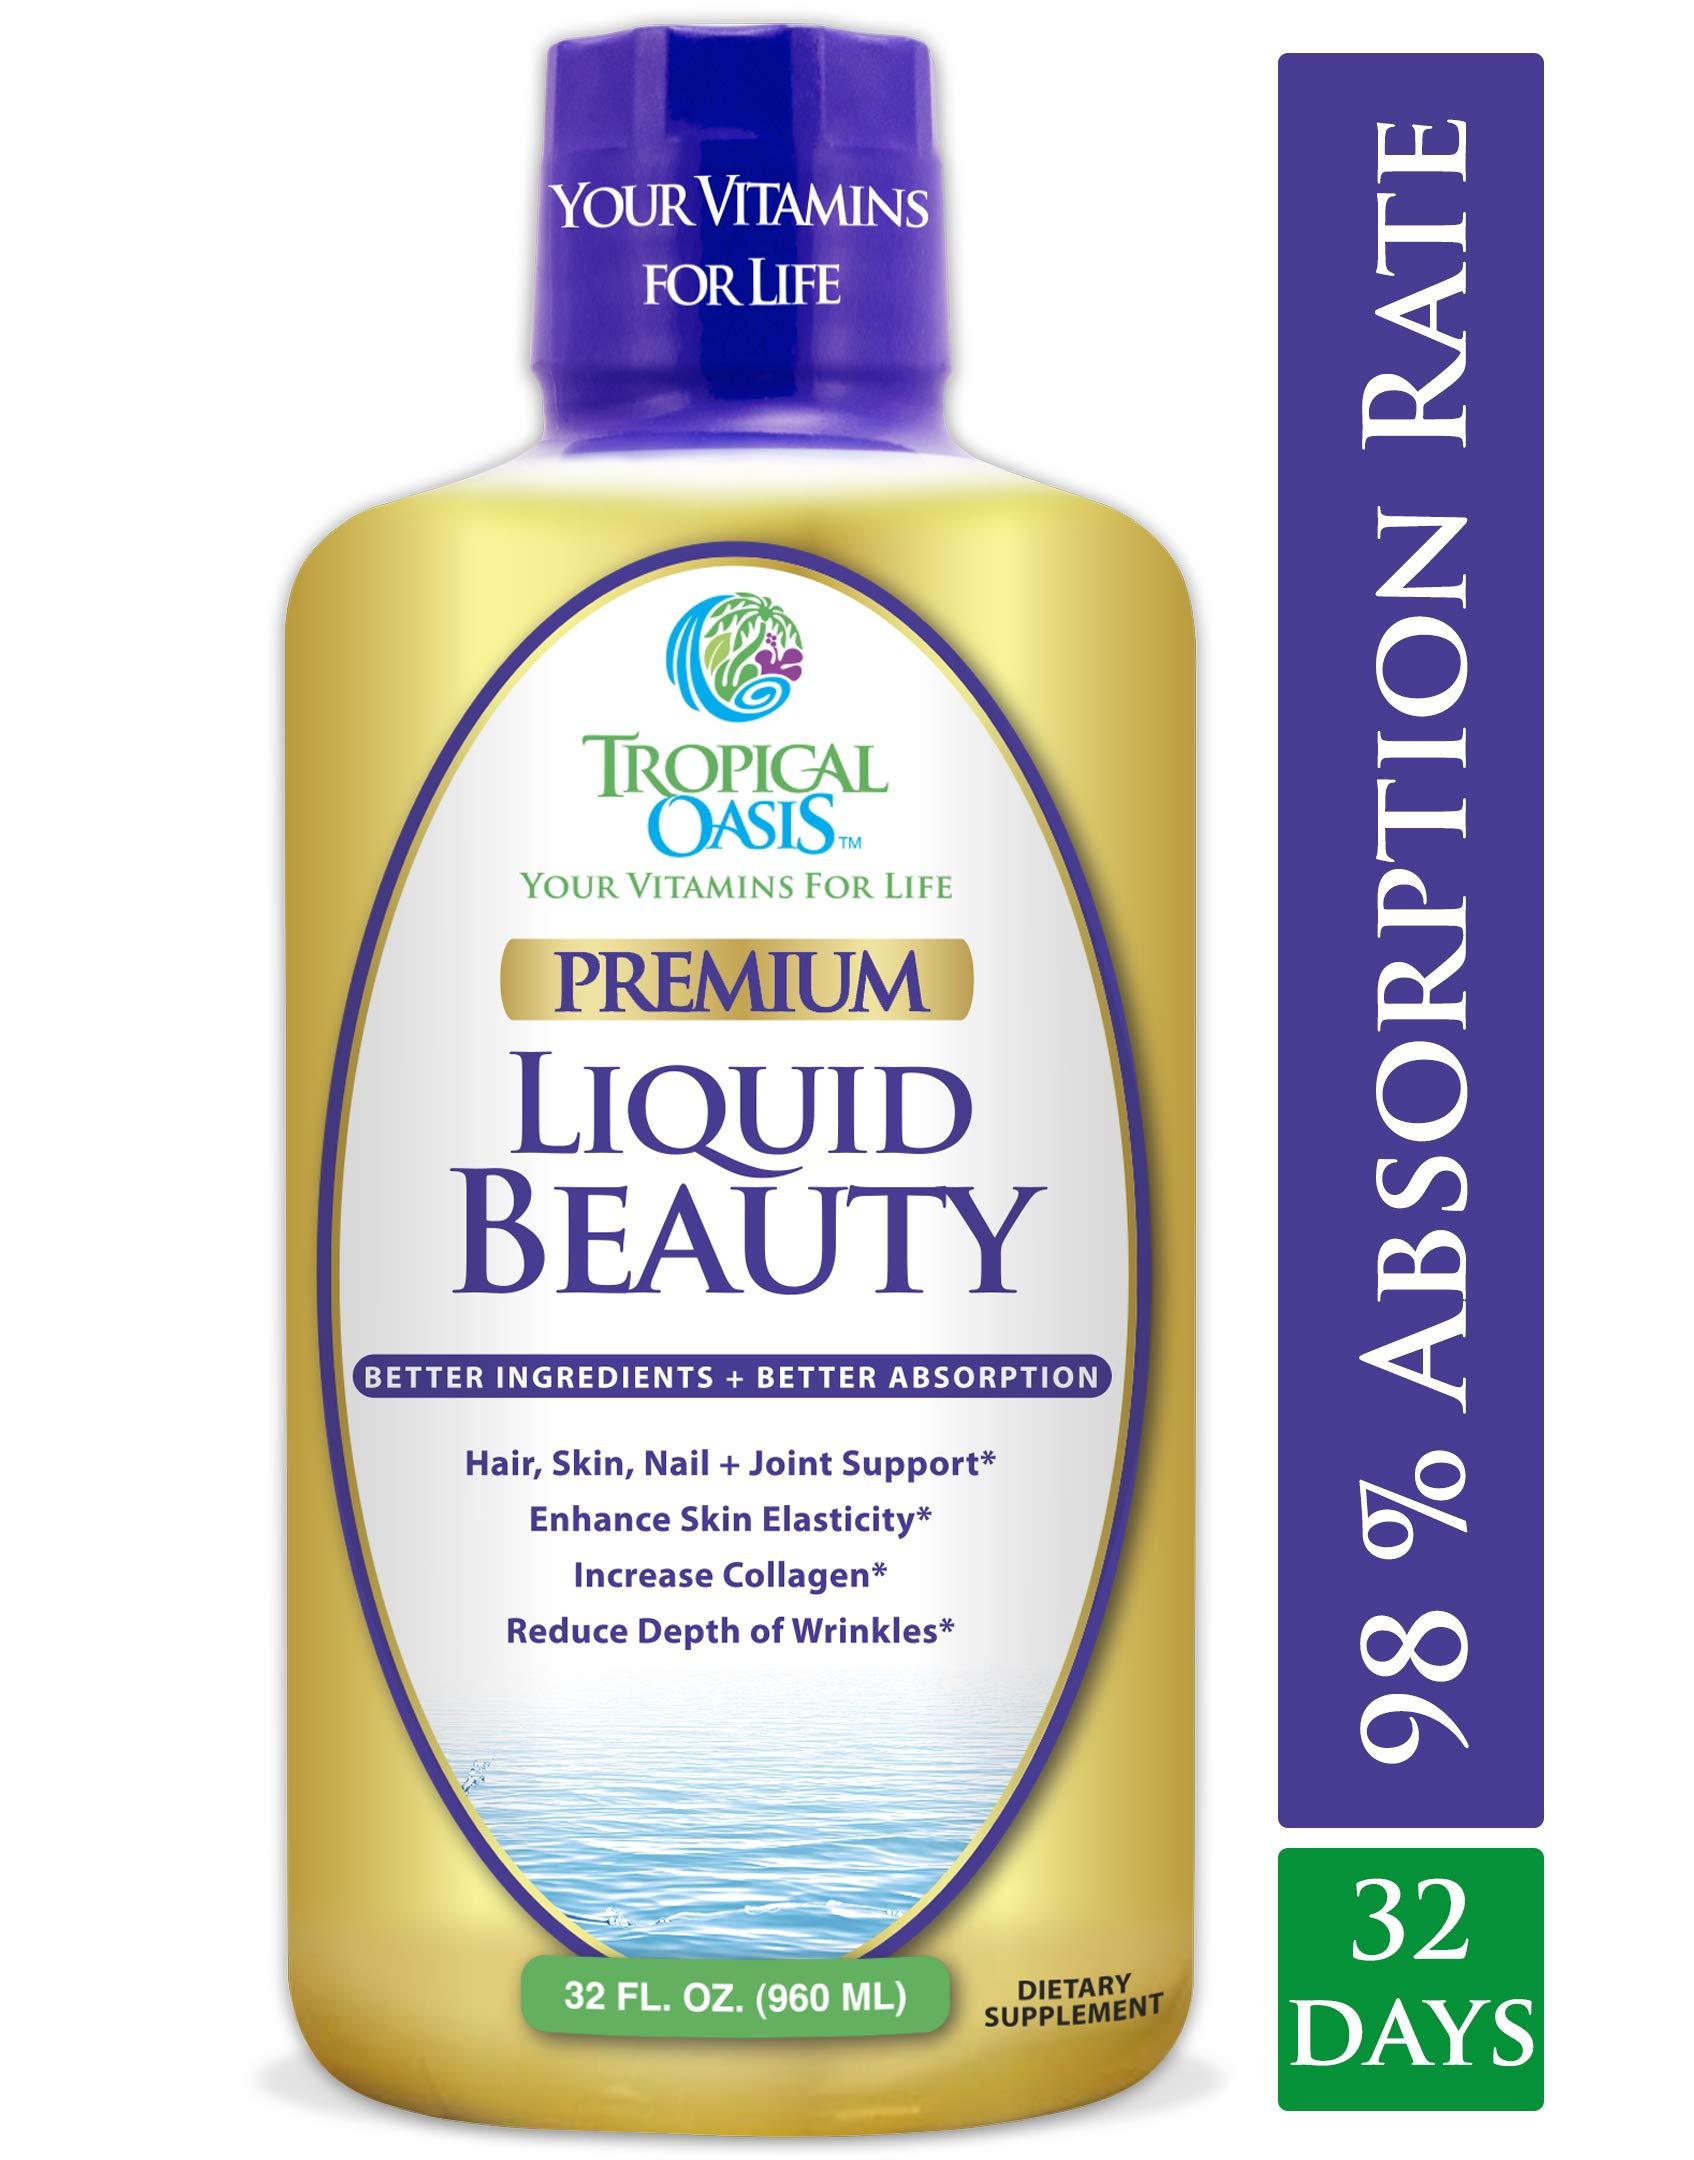 Liquid Beauty   Maximum Strength Hair, Skin & Nails Vitamin   12,500mcg Biotin, Collagen, Bamboo, DHT Blocker & More  Fast Hair Growth, Less Hair Loss + Healthier Skin & Nails- 98% Absorption, 32 Serv by Tropical Oasis